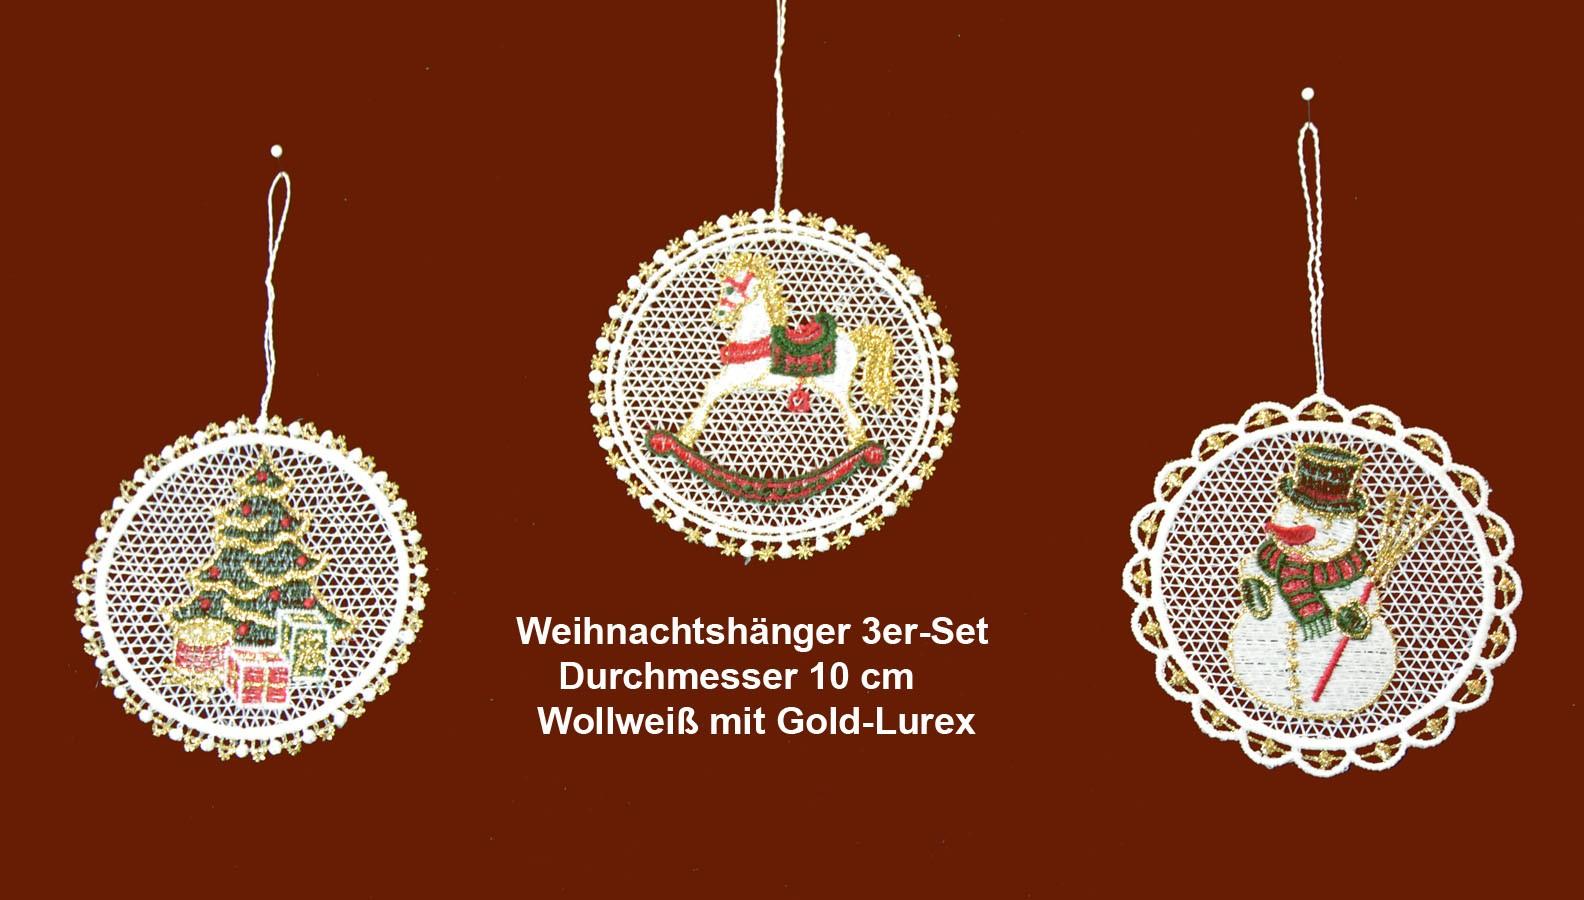 Plauener Spitze - Baumbehang 3er-Set - rund - Durchmesser ca. 10 cm